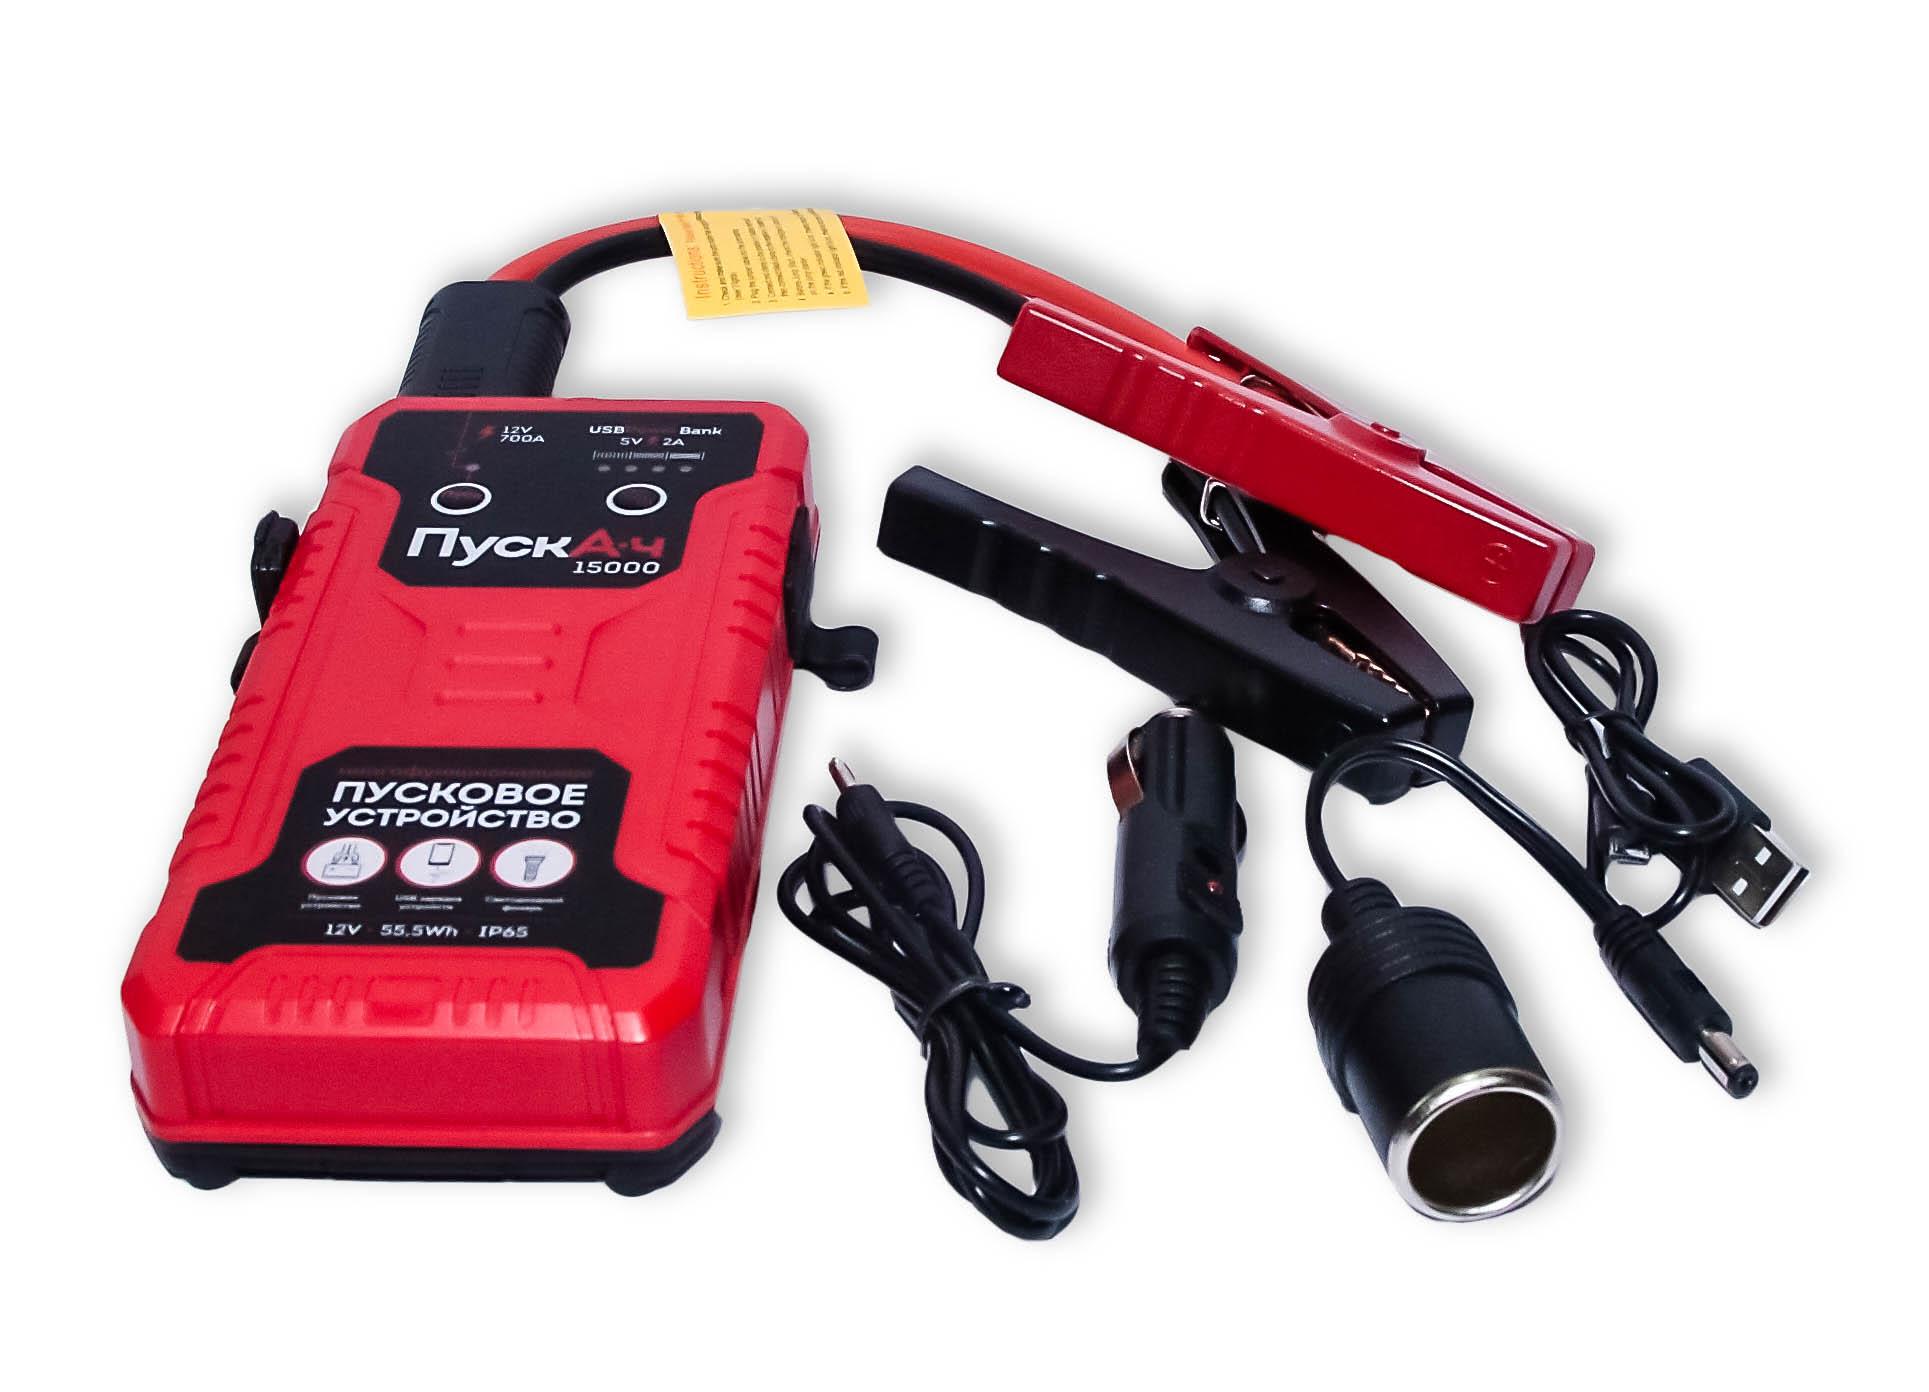 Пусковое устройство ПускАч 15000 BS-JS15 55,5 Вт*ч (+ Антисептик-спрей для рук в подарок!)